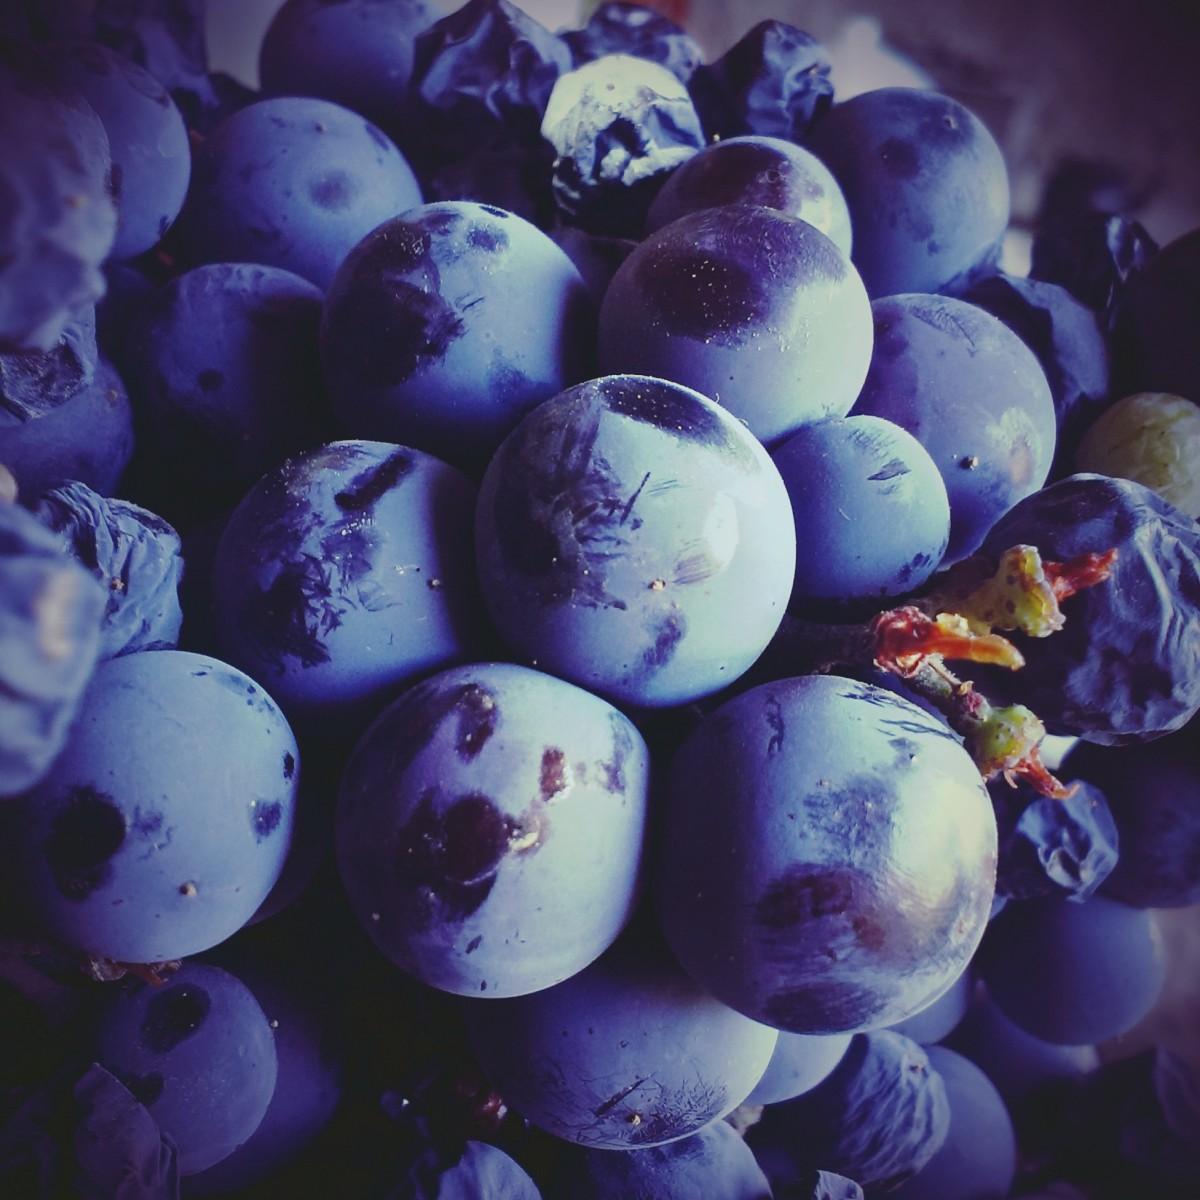 цвет лиловый картинки фрукты вестибюле нишах